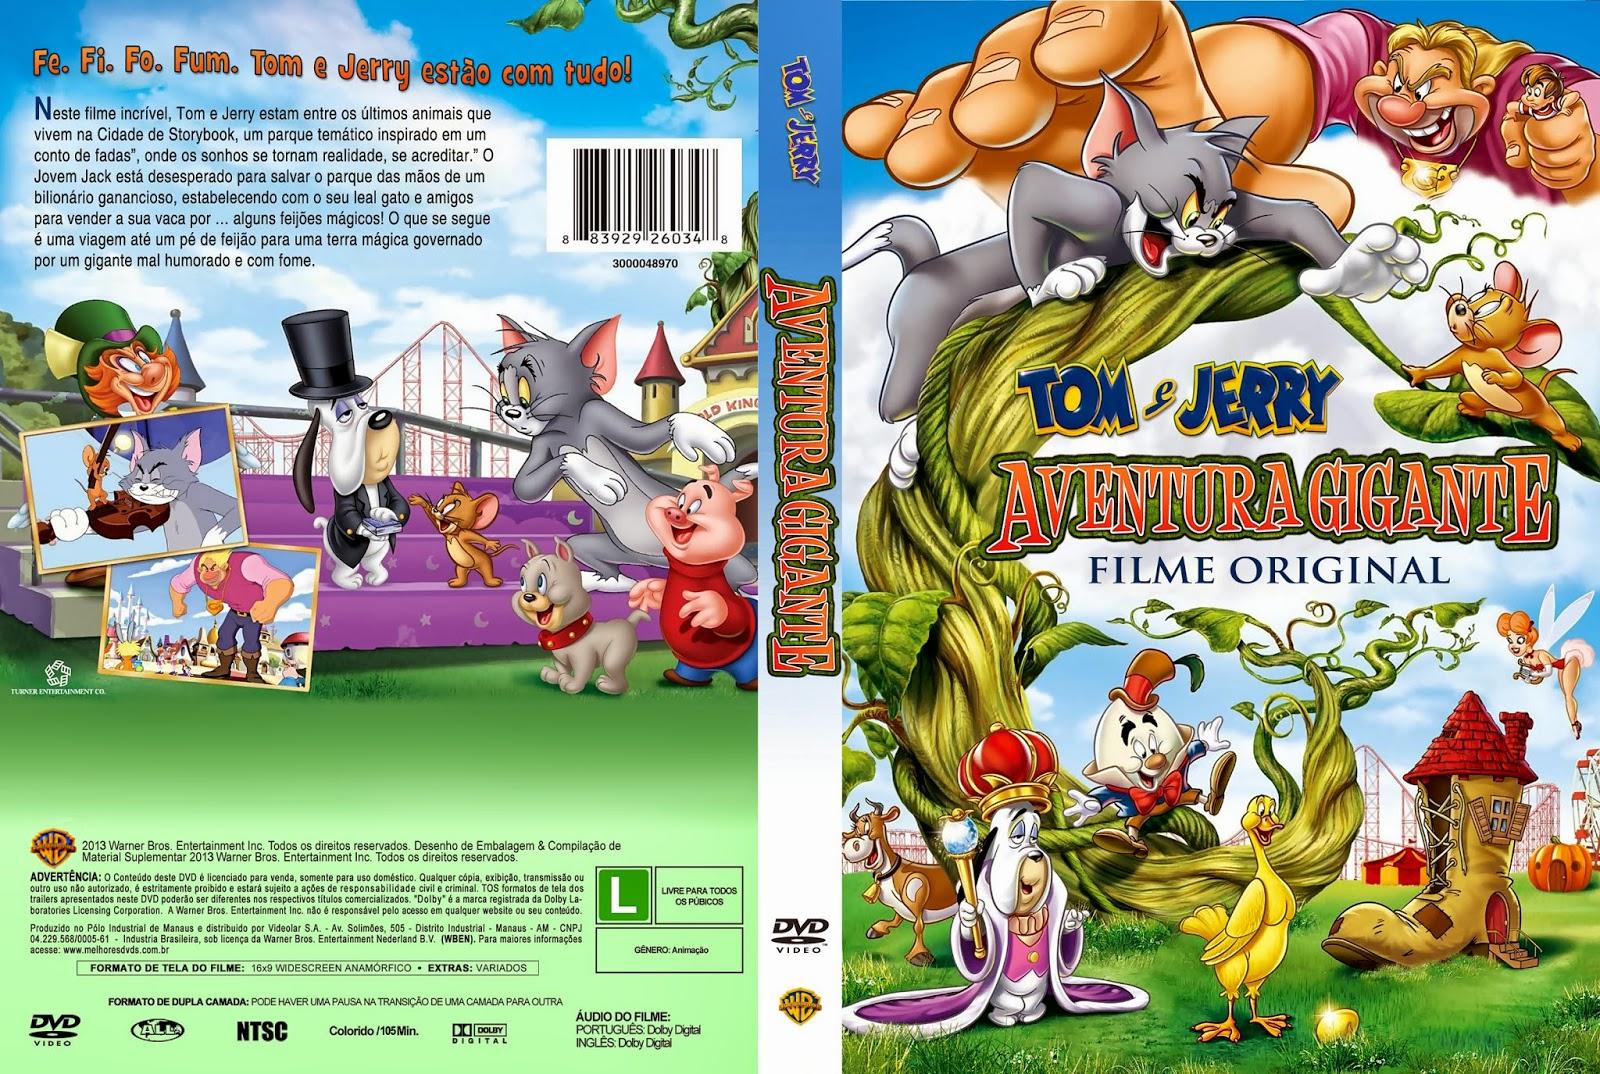 texte: Tom E Jerry Aventura Gigante